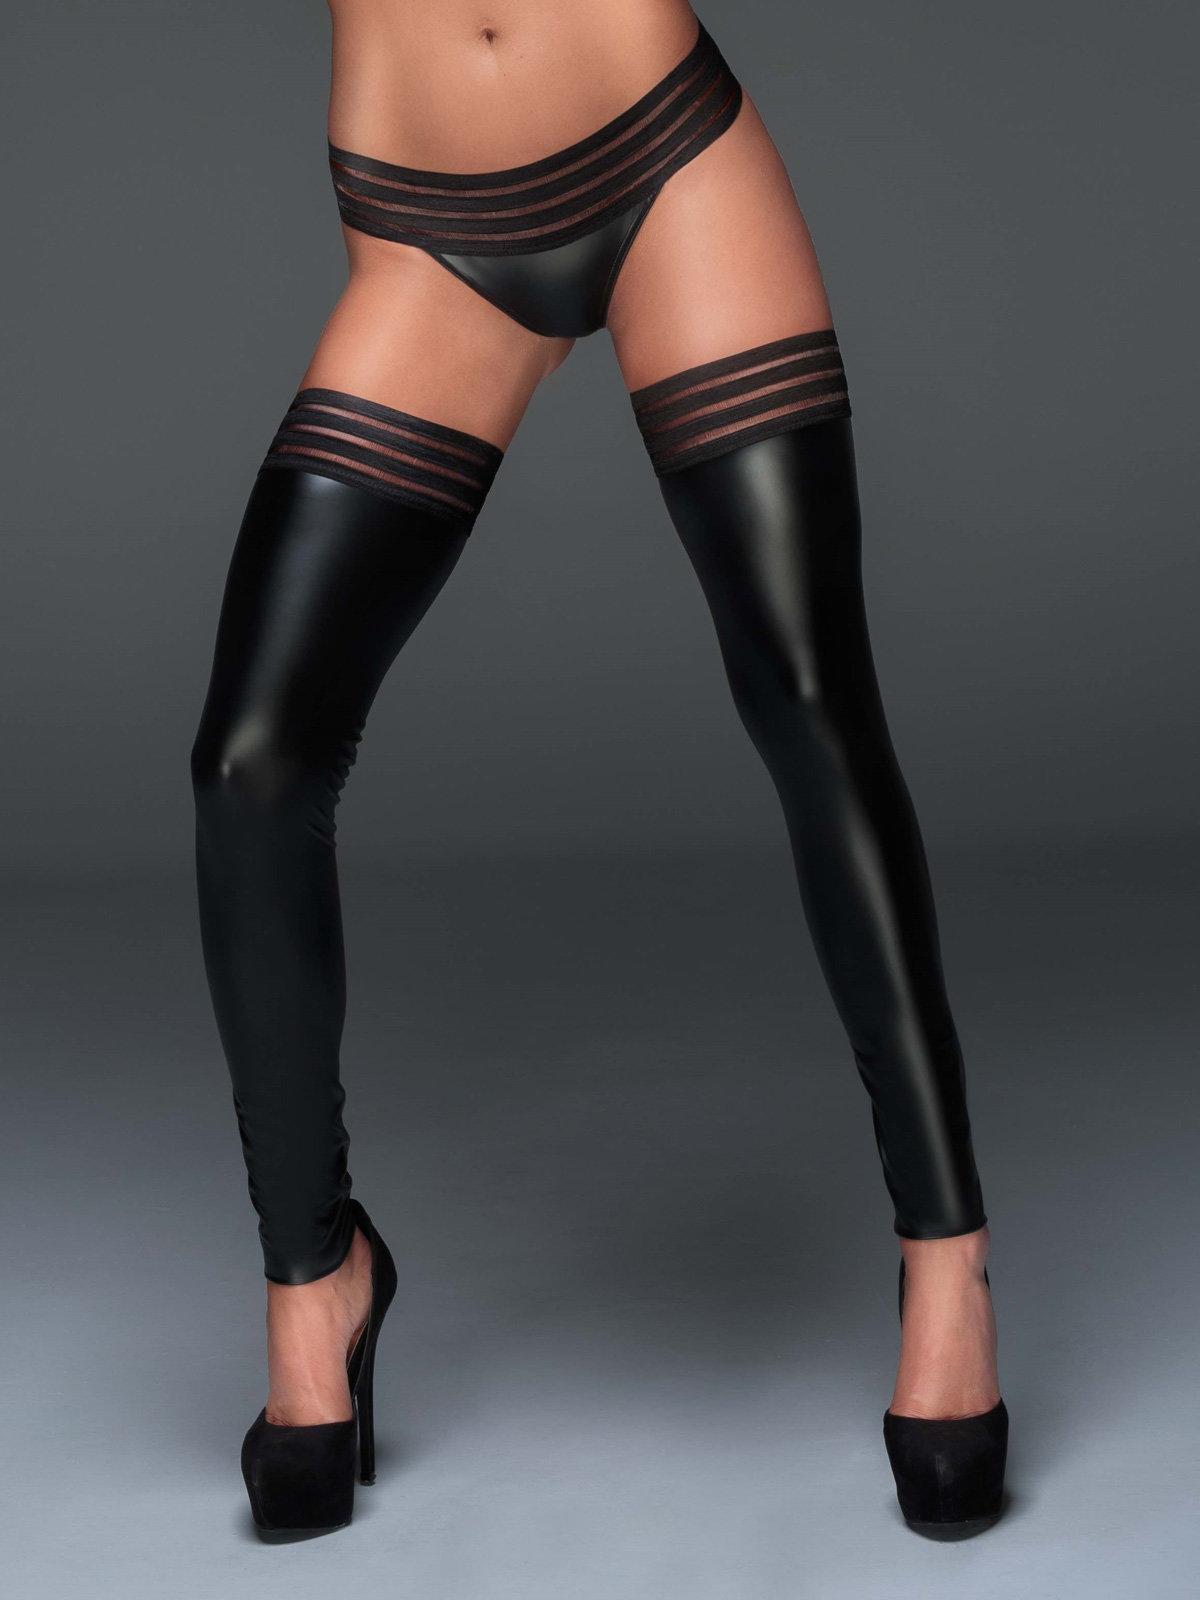 Chilot Powerwetlook panty Negru de la Noir Handmade